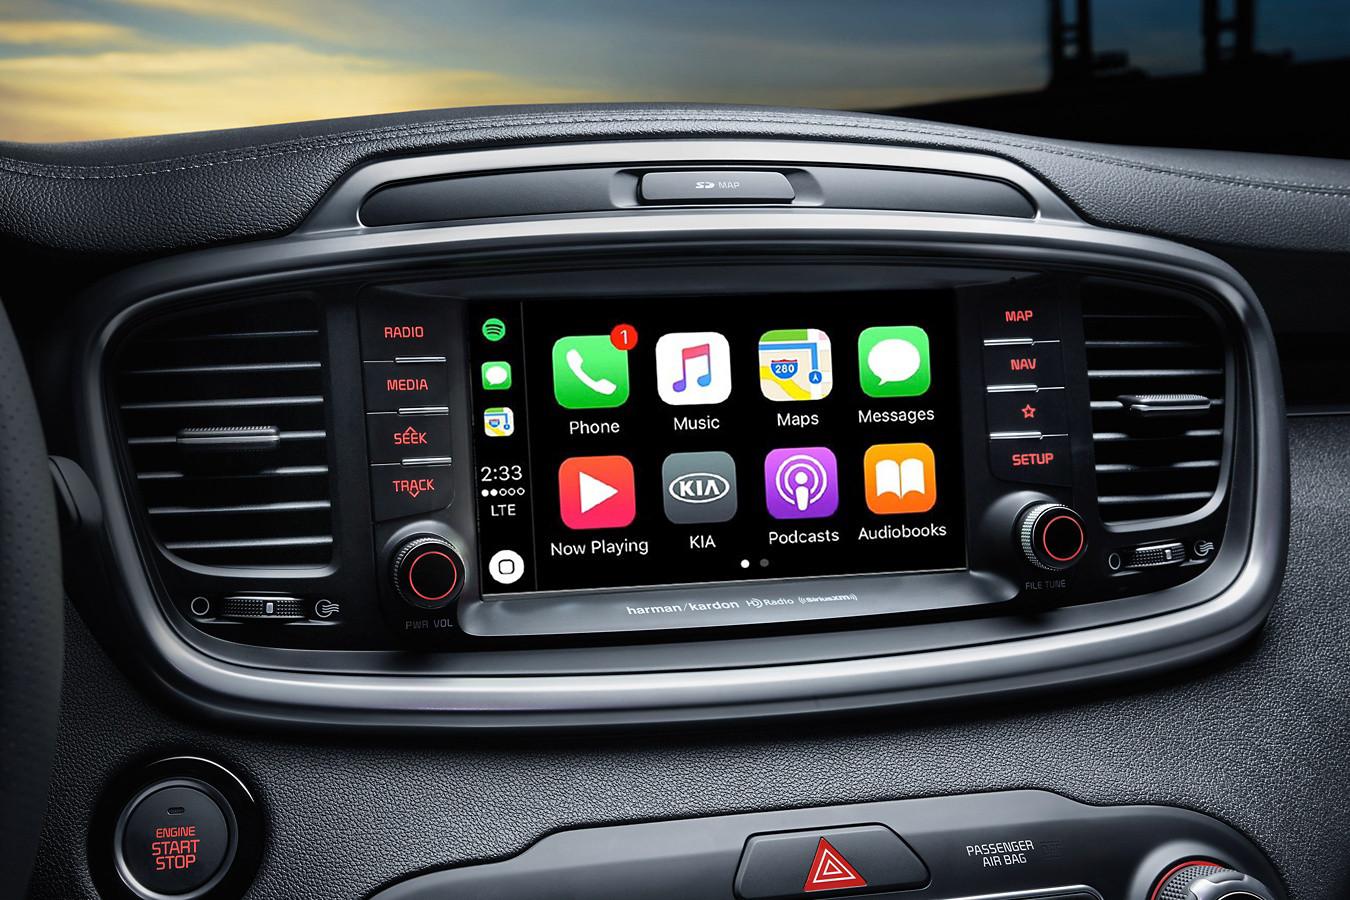 2019 Kia Sorento Touchscreen Display